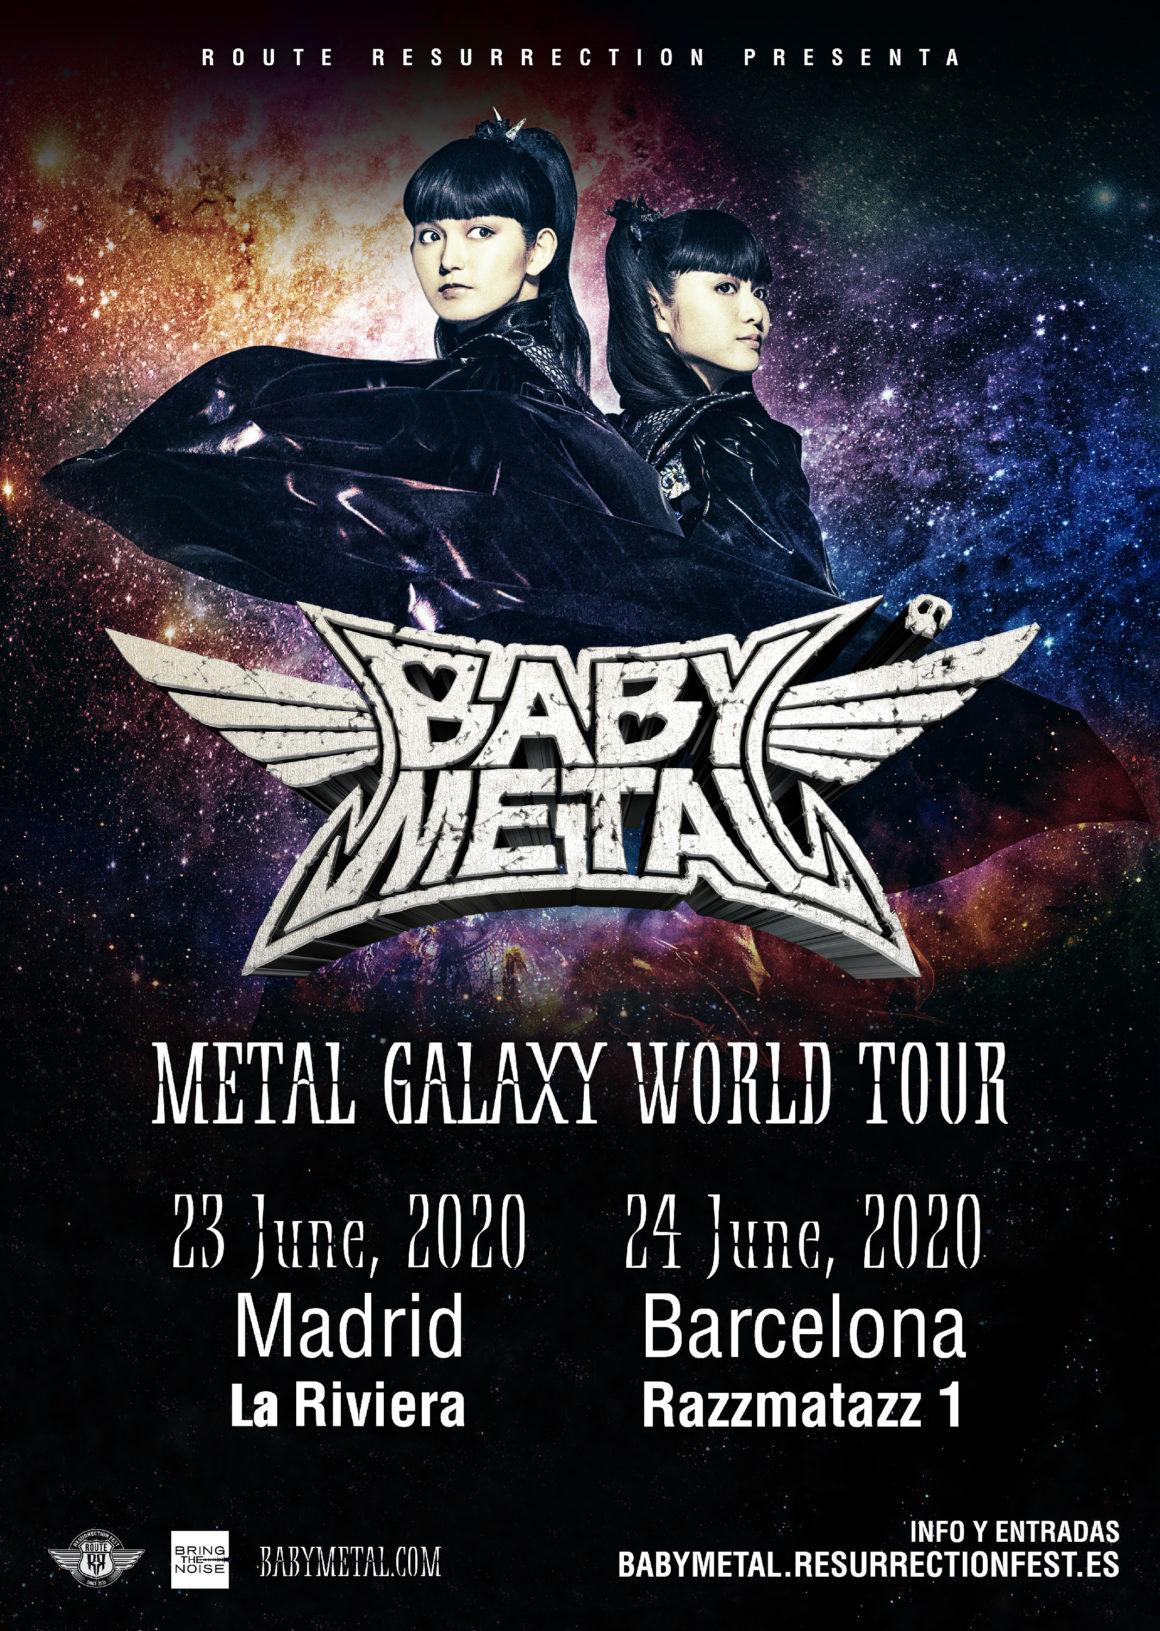 Nueva gira Route Resurrection: ¡Babymetal actuarán por primera vez en España!